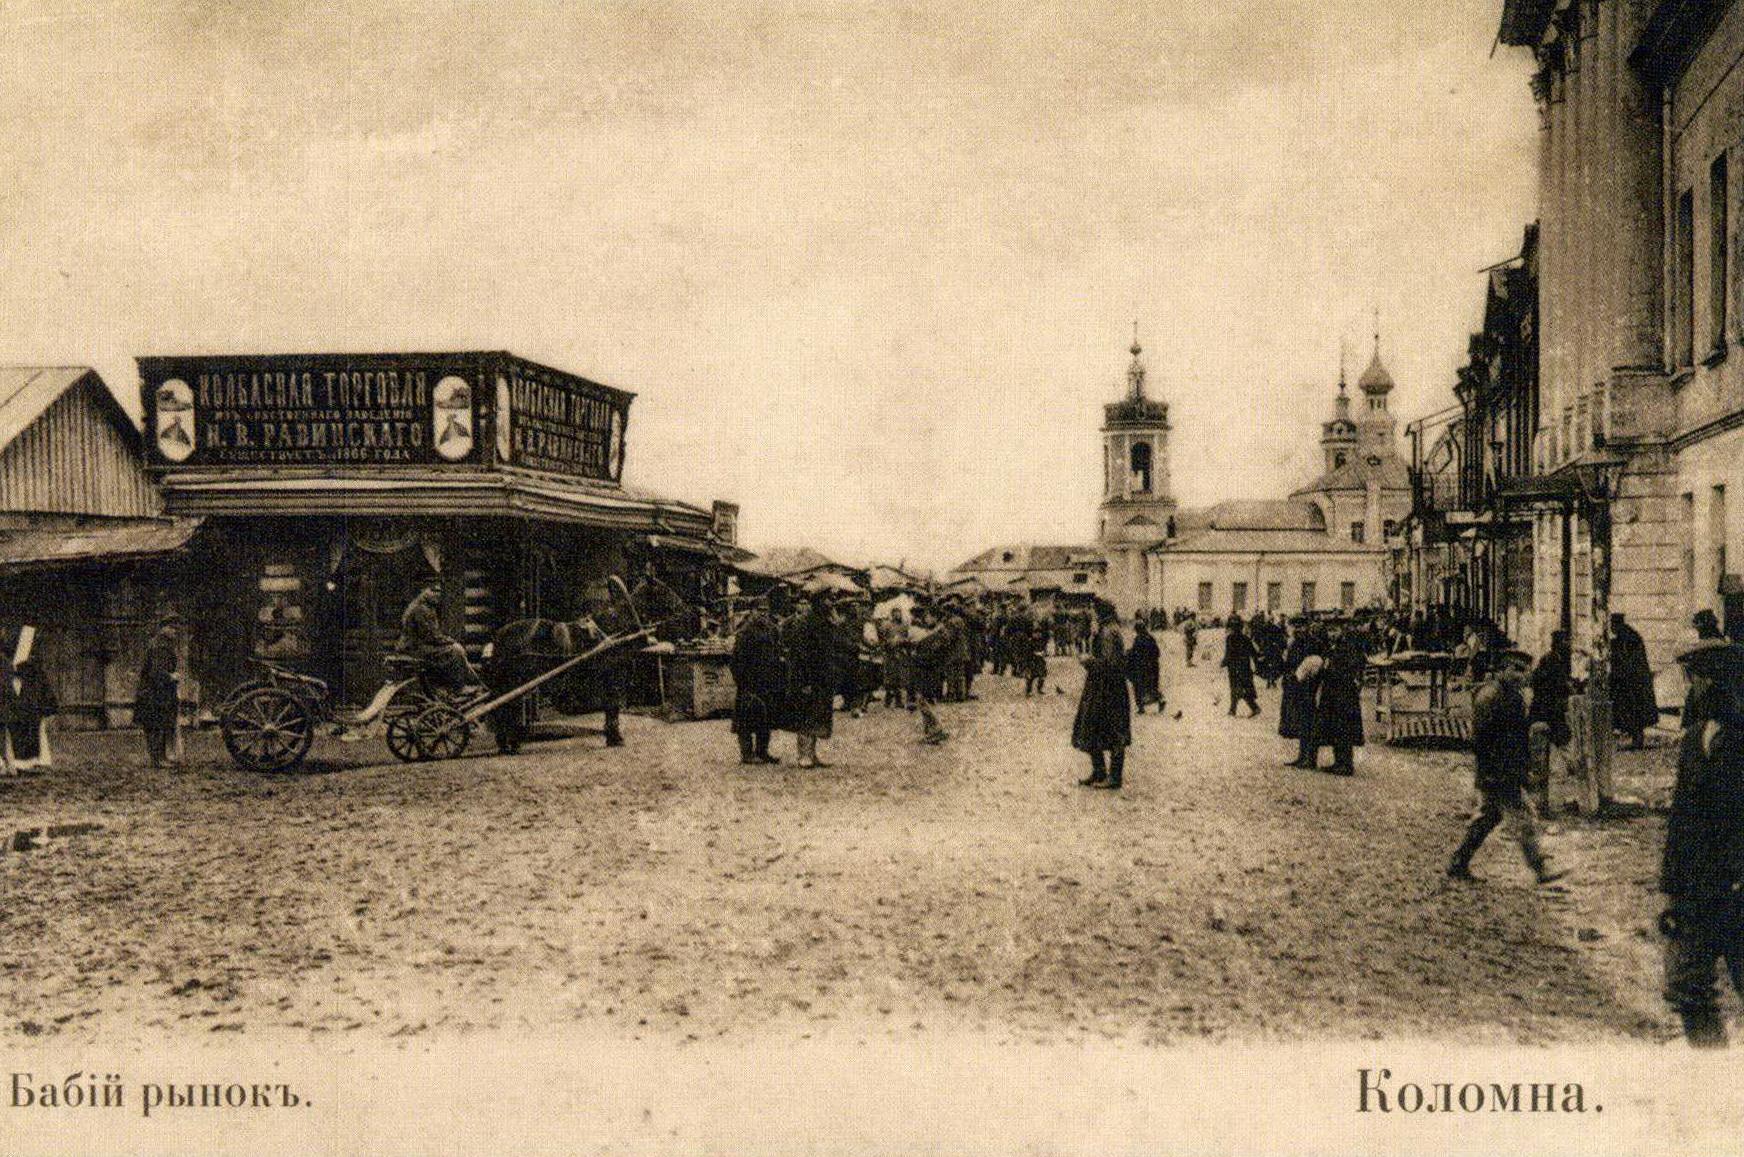 Бабий рынок